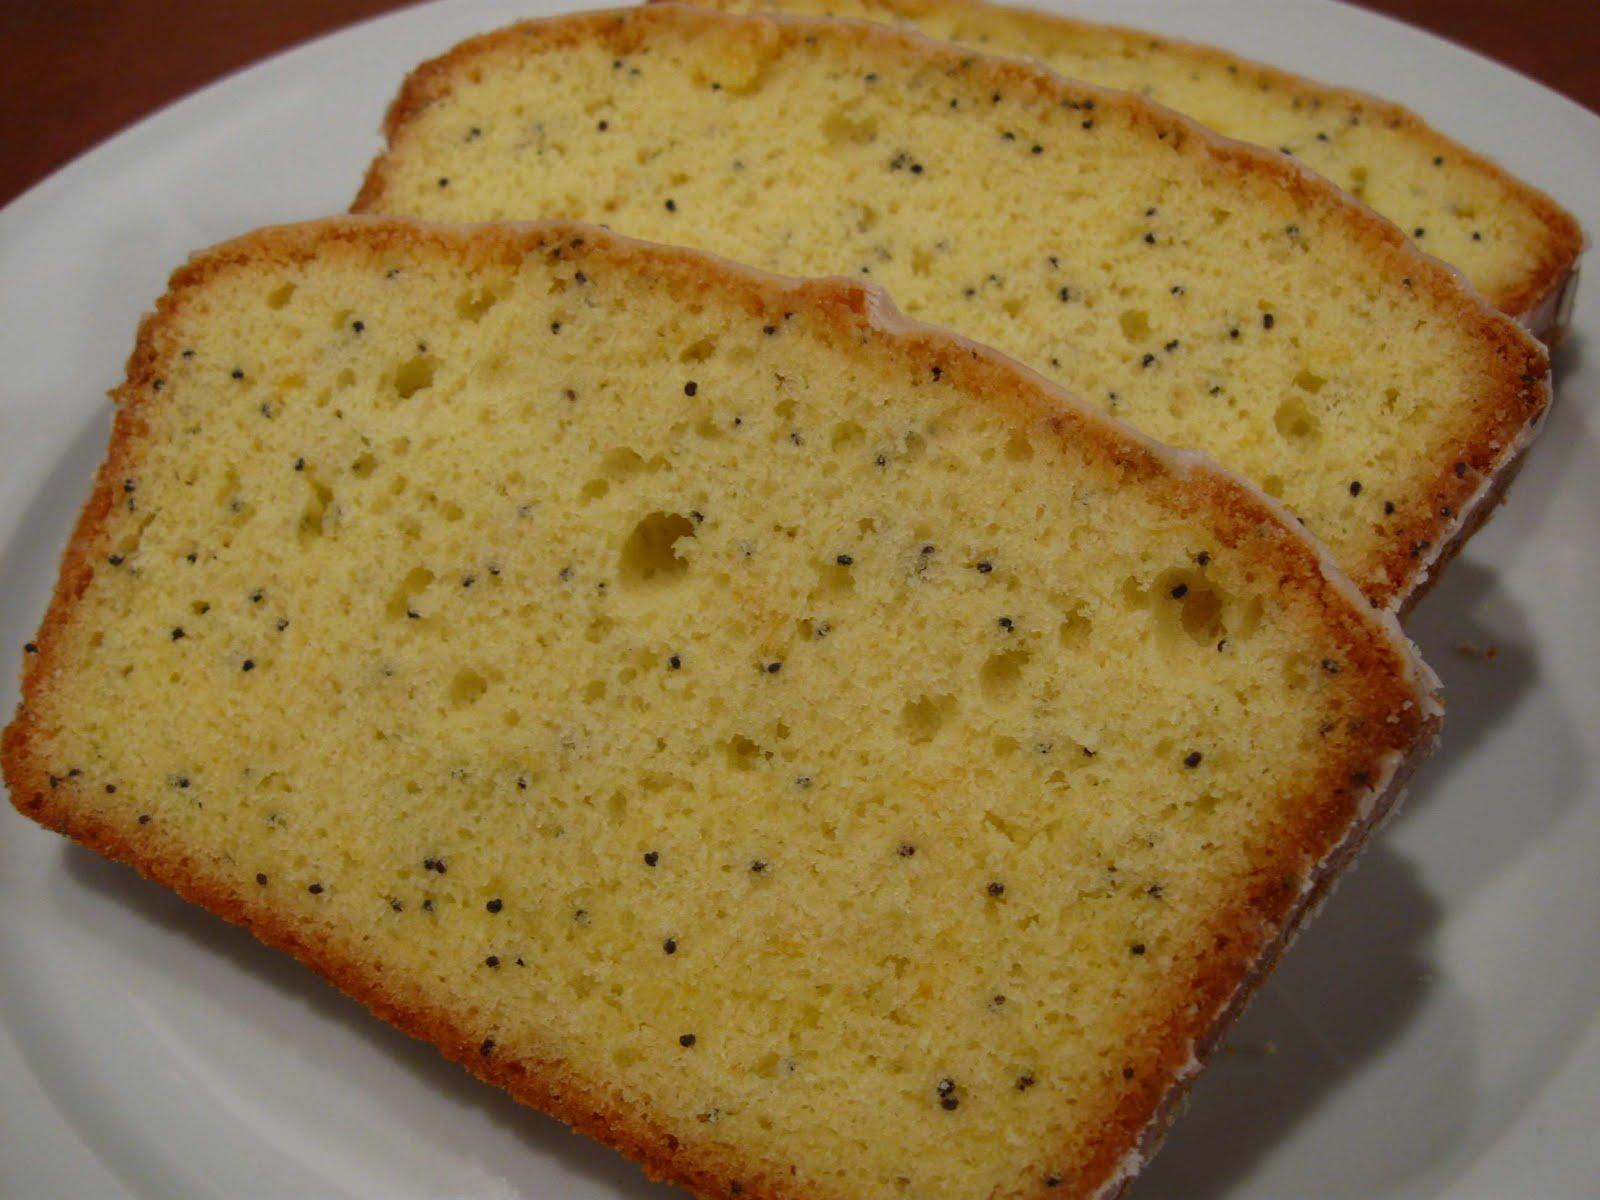 Lemon Poppy Seed Cake From Scratch